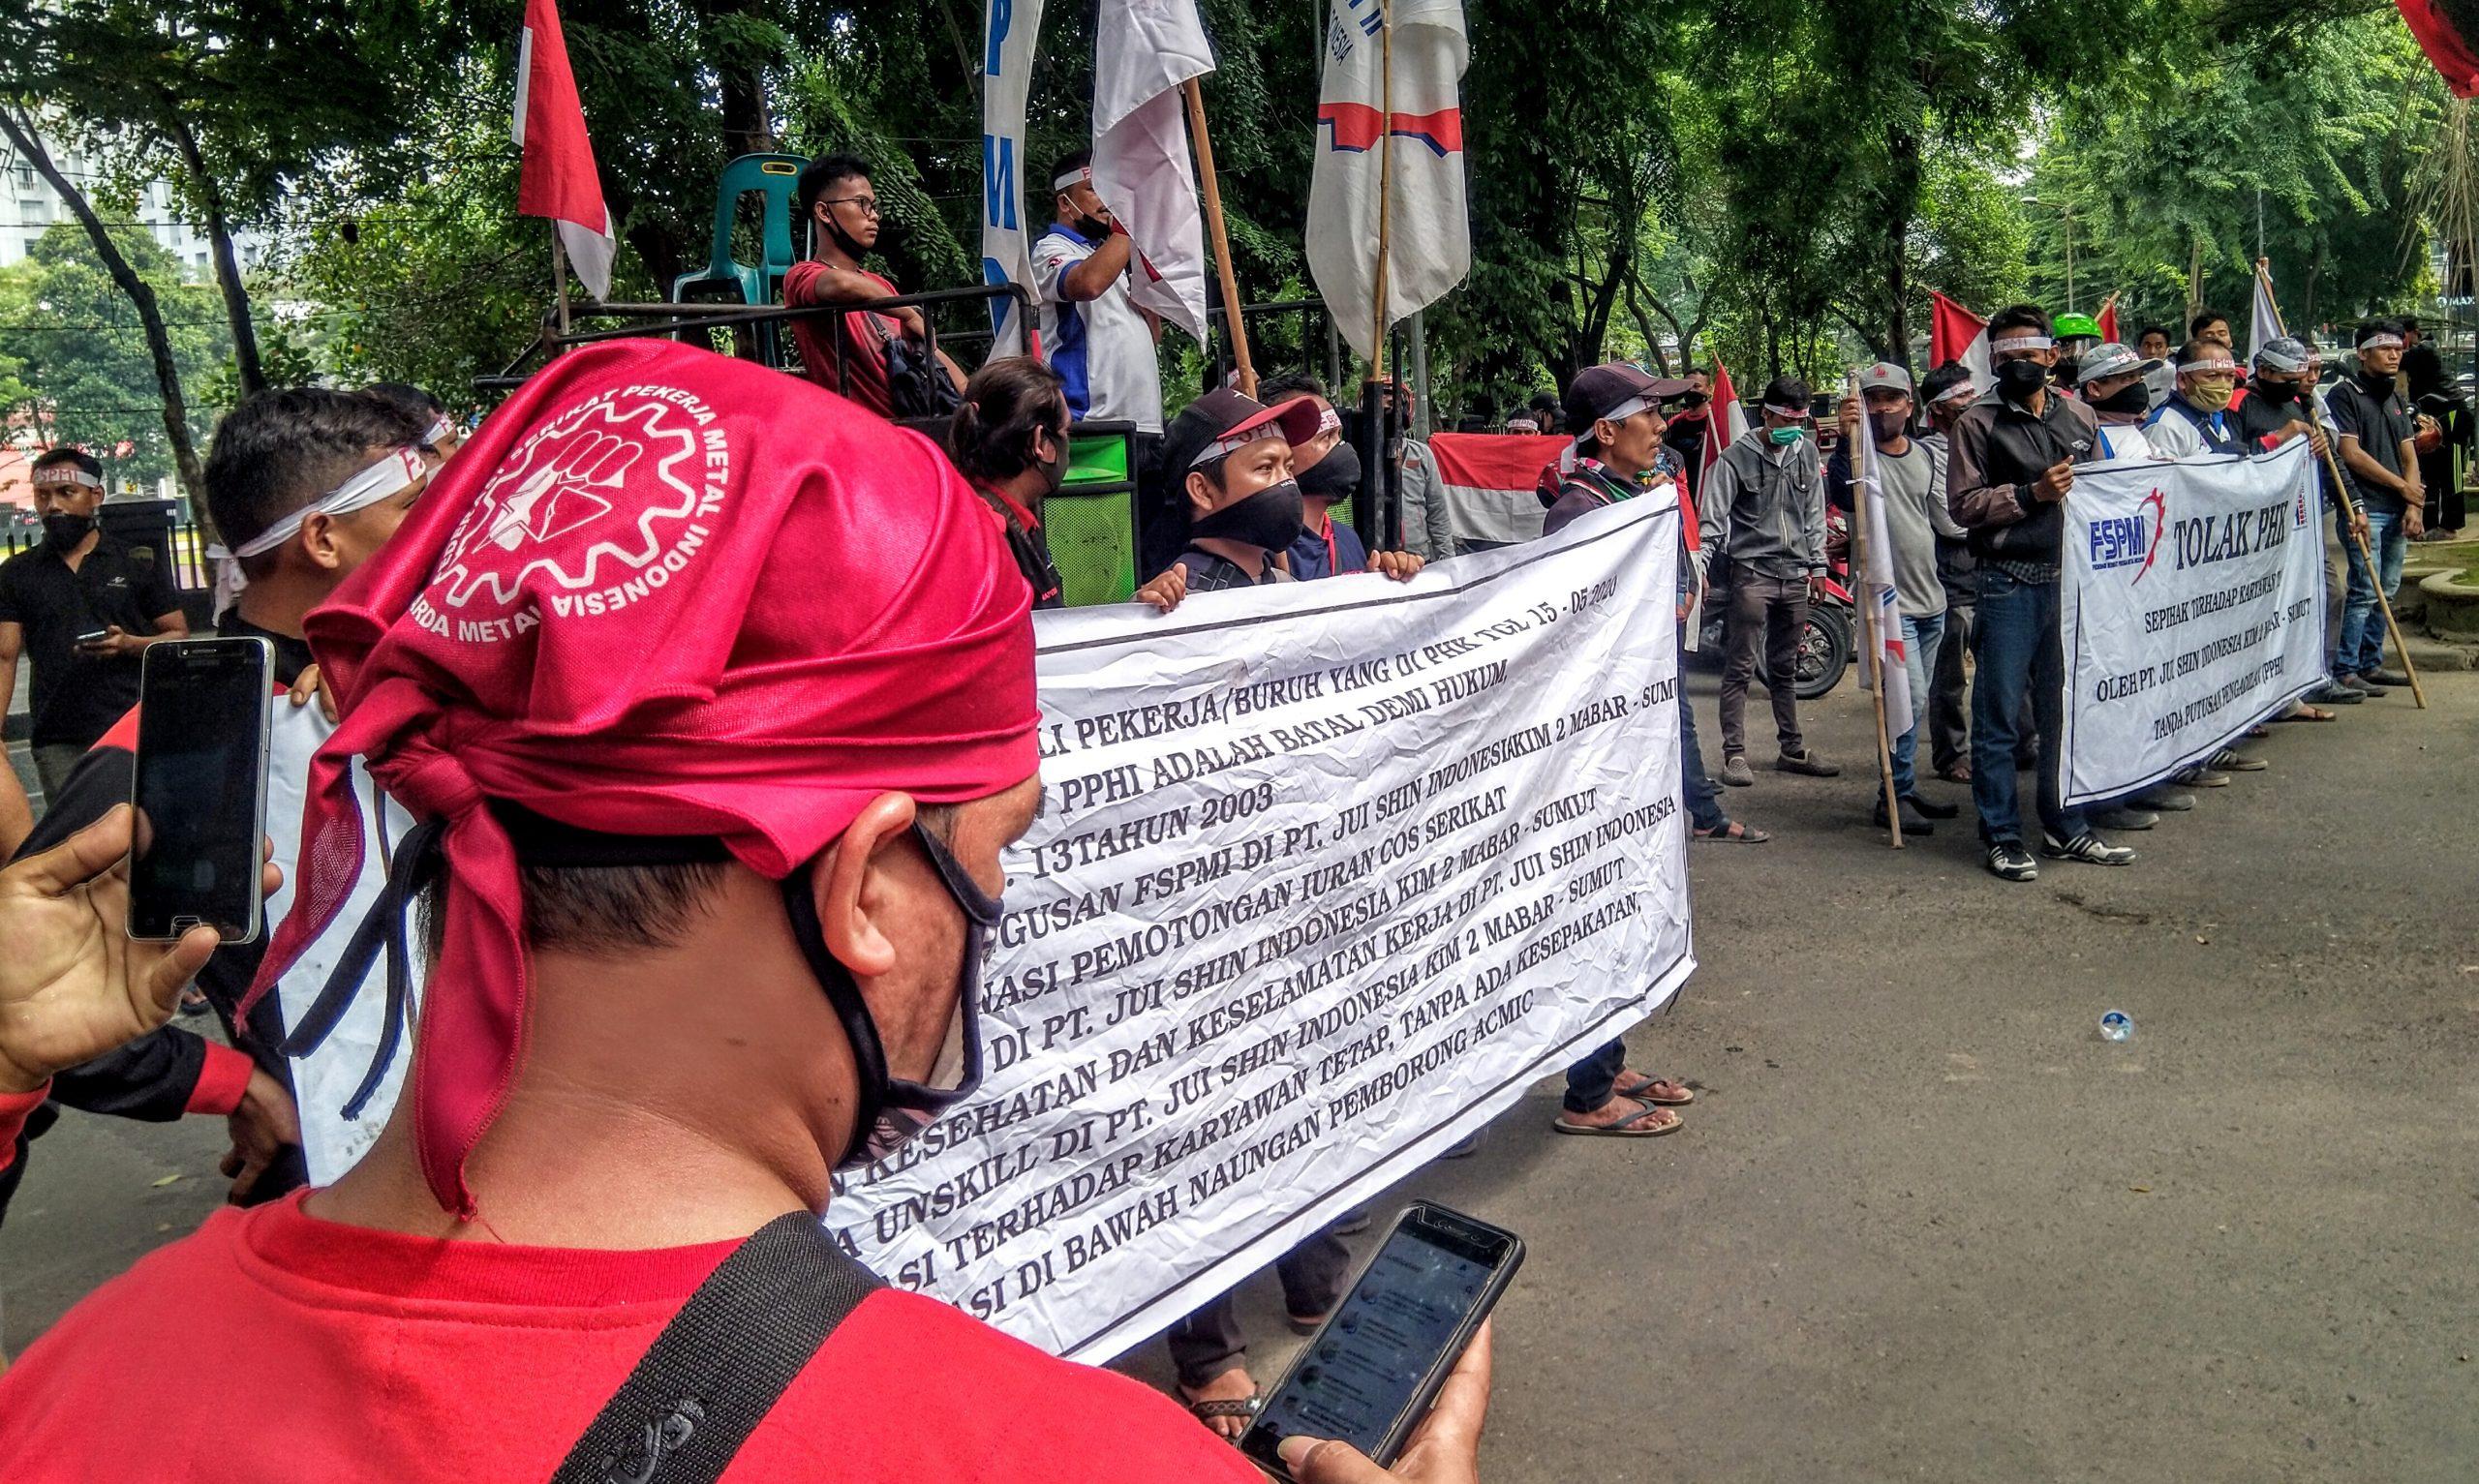 Puluhan masa FSPMI melakukan demonstrasi di depan kantor DPRD Sumut menyapaikan aspirasi atas PHK sepihak terhadap puluhan anggota serikat buruh. Foto: Rakyatsumut.com/Muklis